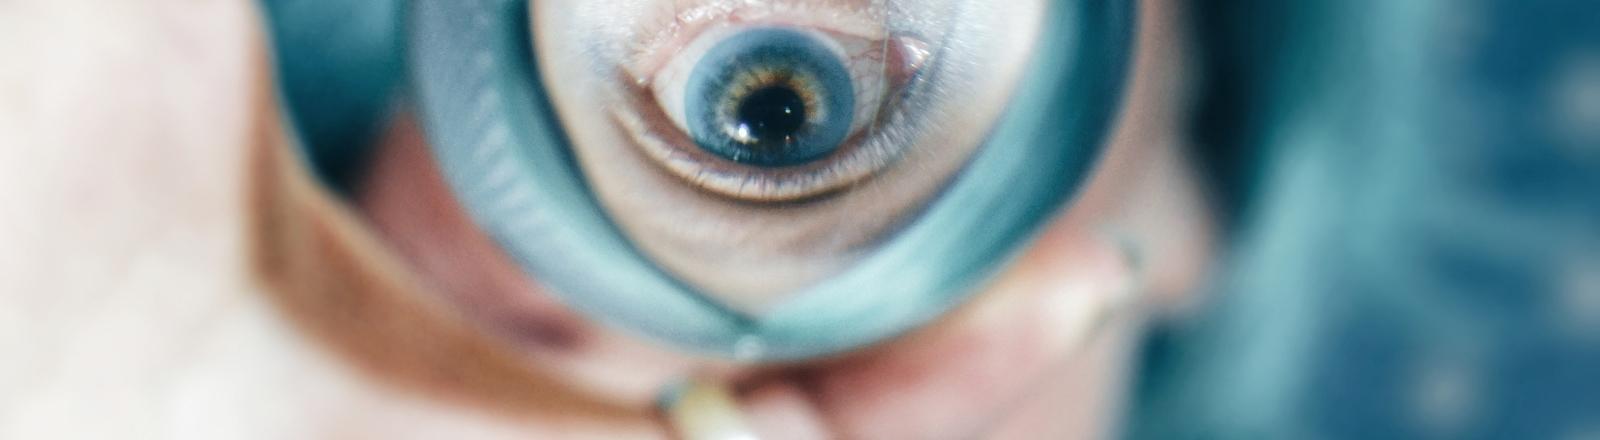 Blaues Auge durch eine Glaskugel.